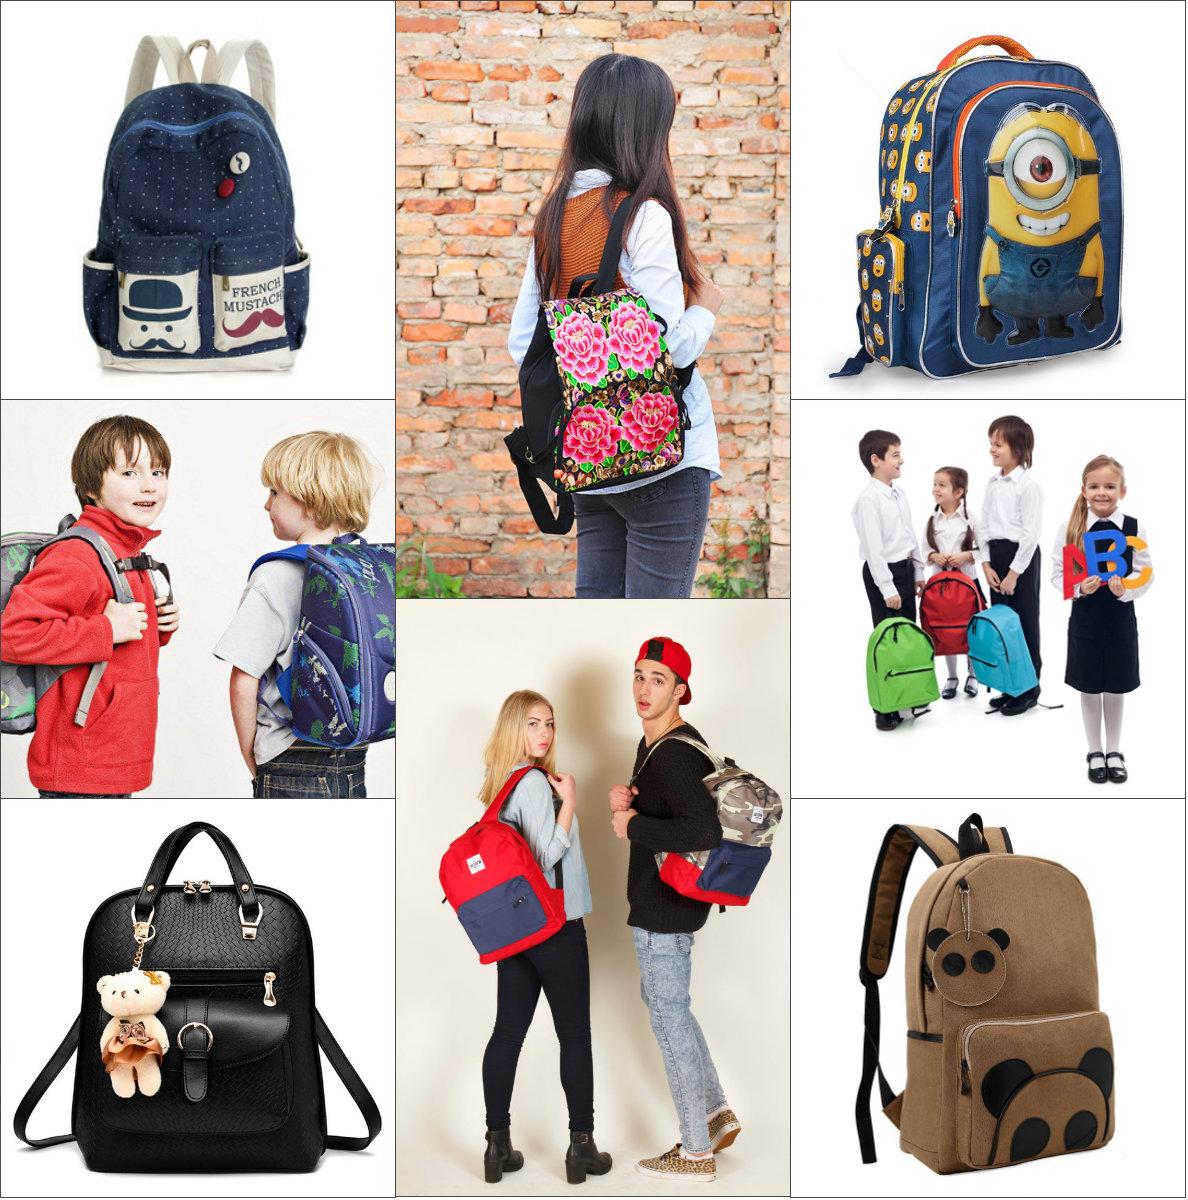 Где можно купить модный школьный рюкзак рюкзак с принтом funny owls